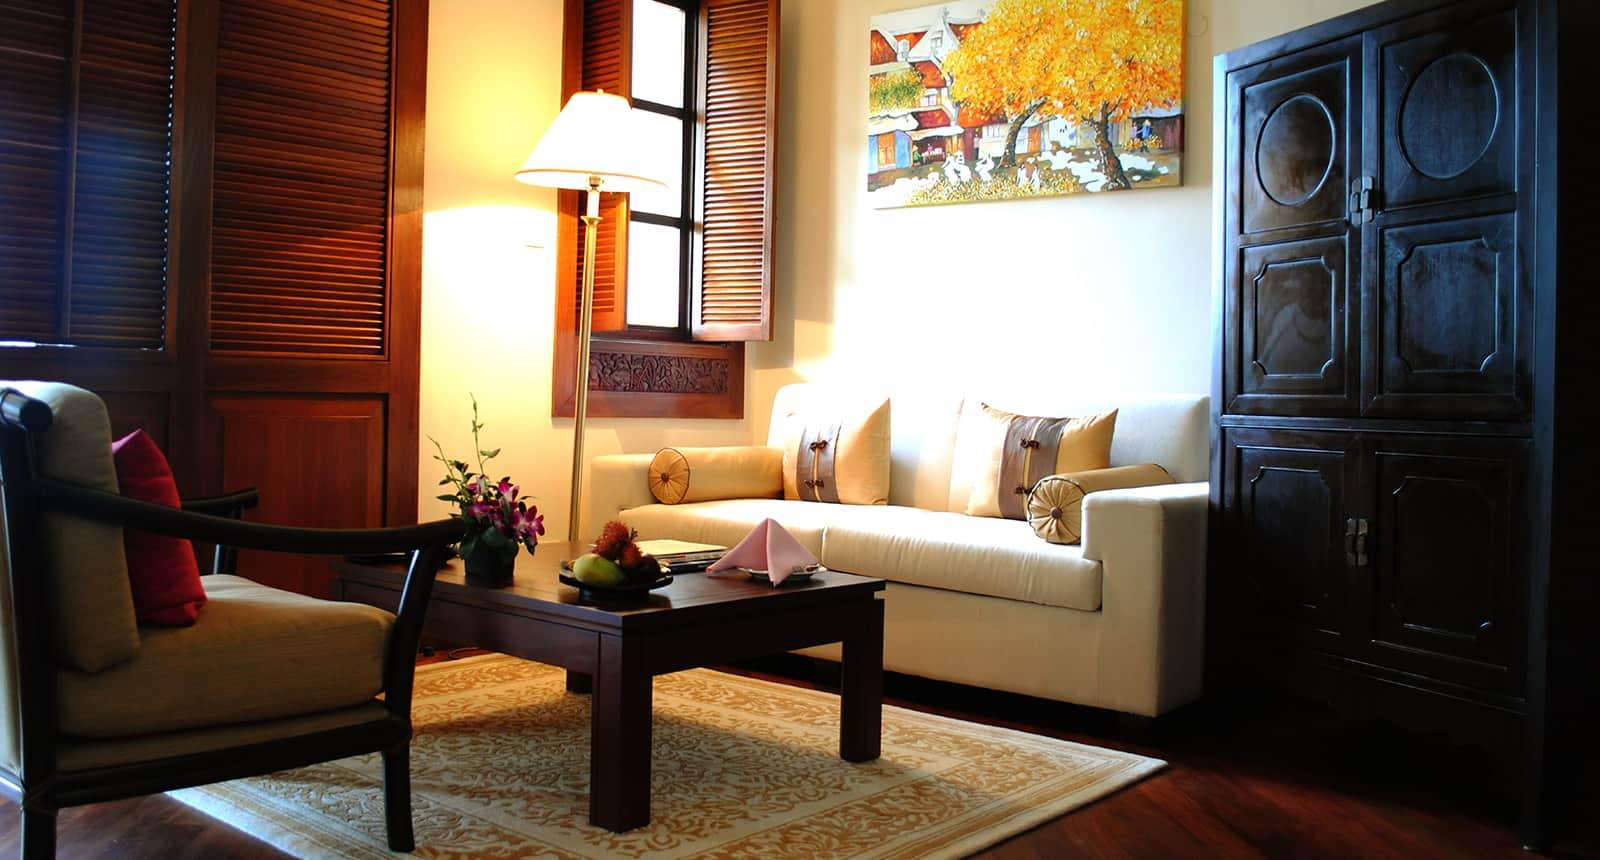 Từng chi tiết được chăm chút để tạo cảm giác ấm cúng, tiện nghi như ở nhà